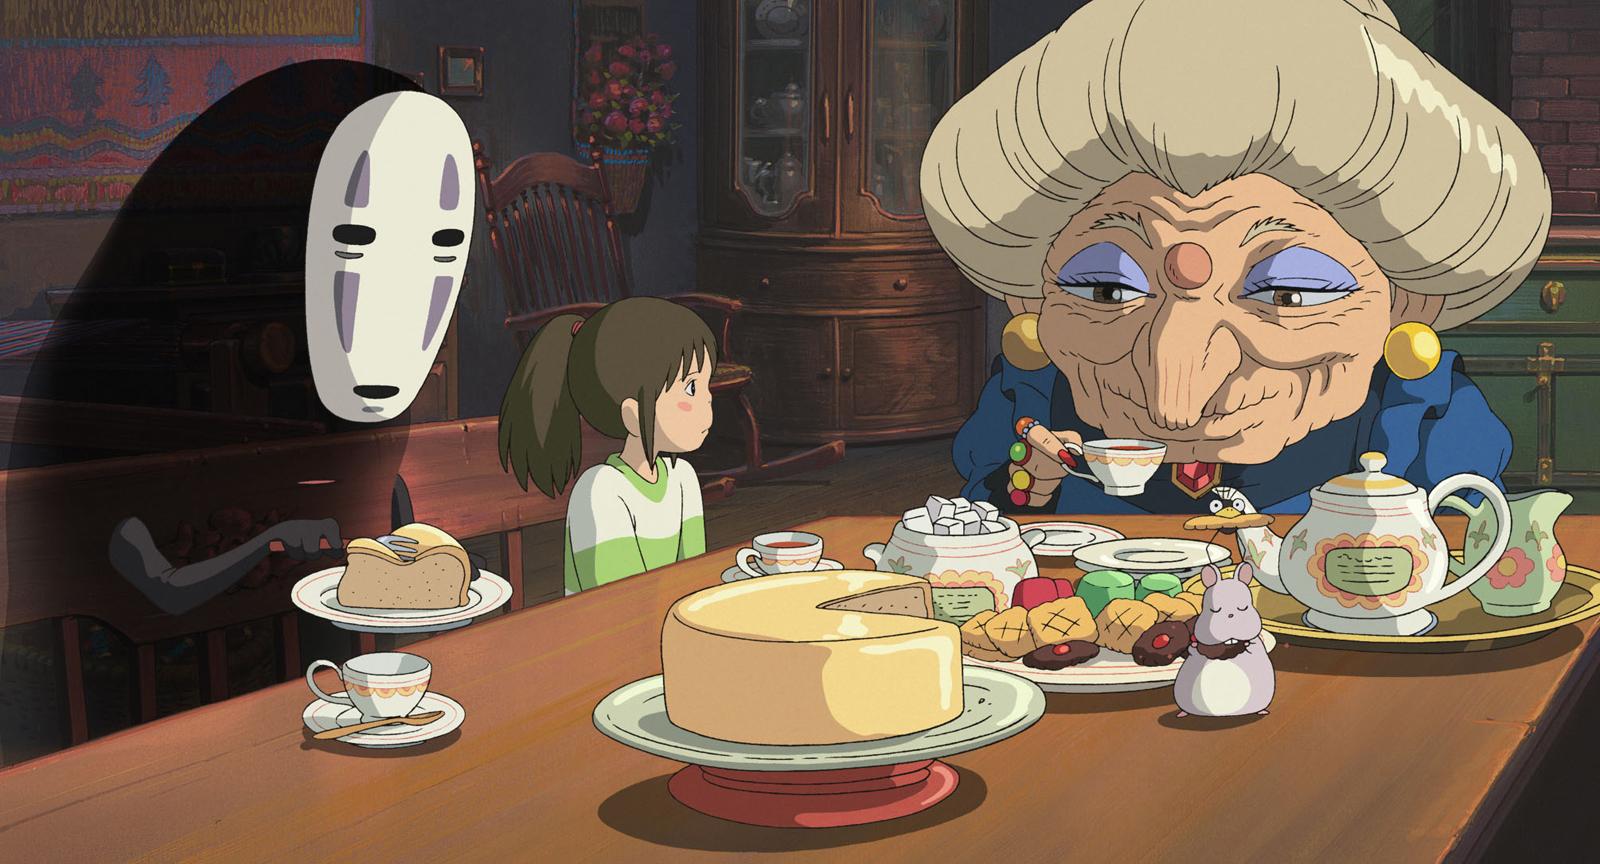 Ce cosplay du Voyage de Chihiro a fait le tour de la toile